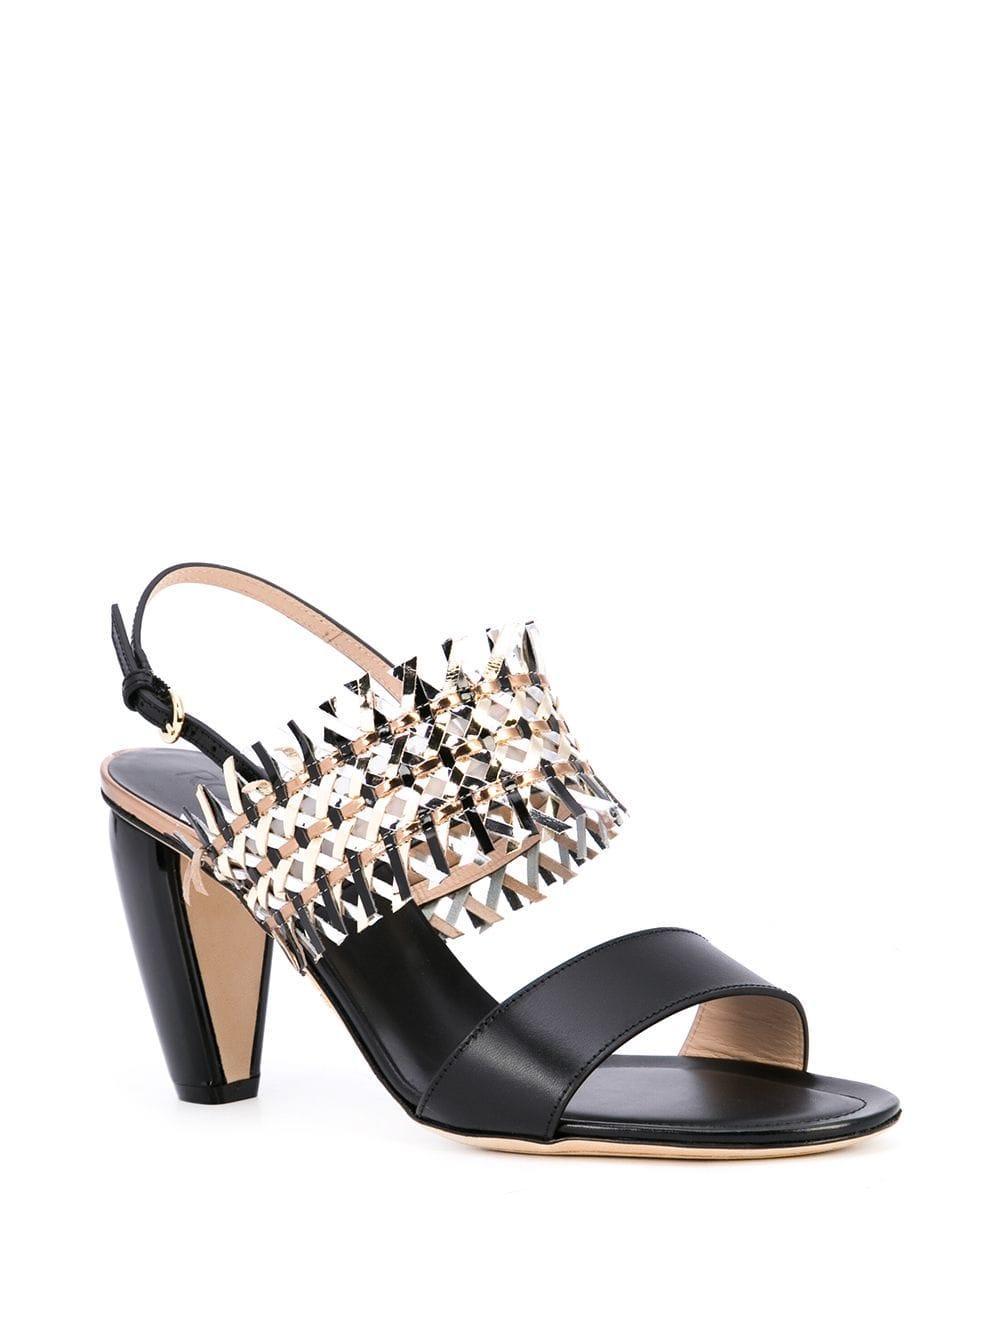 23a011906e90 Lyst - Rodo Woven Strap Sandals in Black